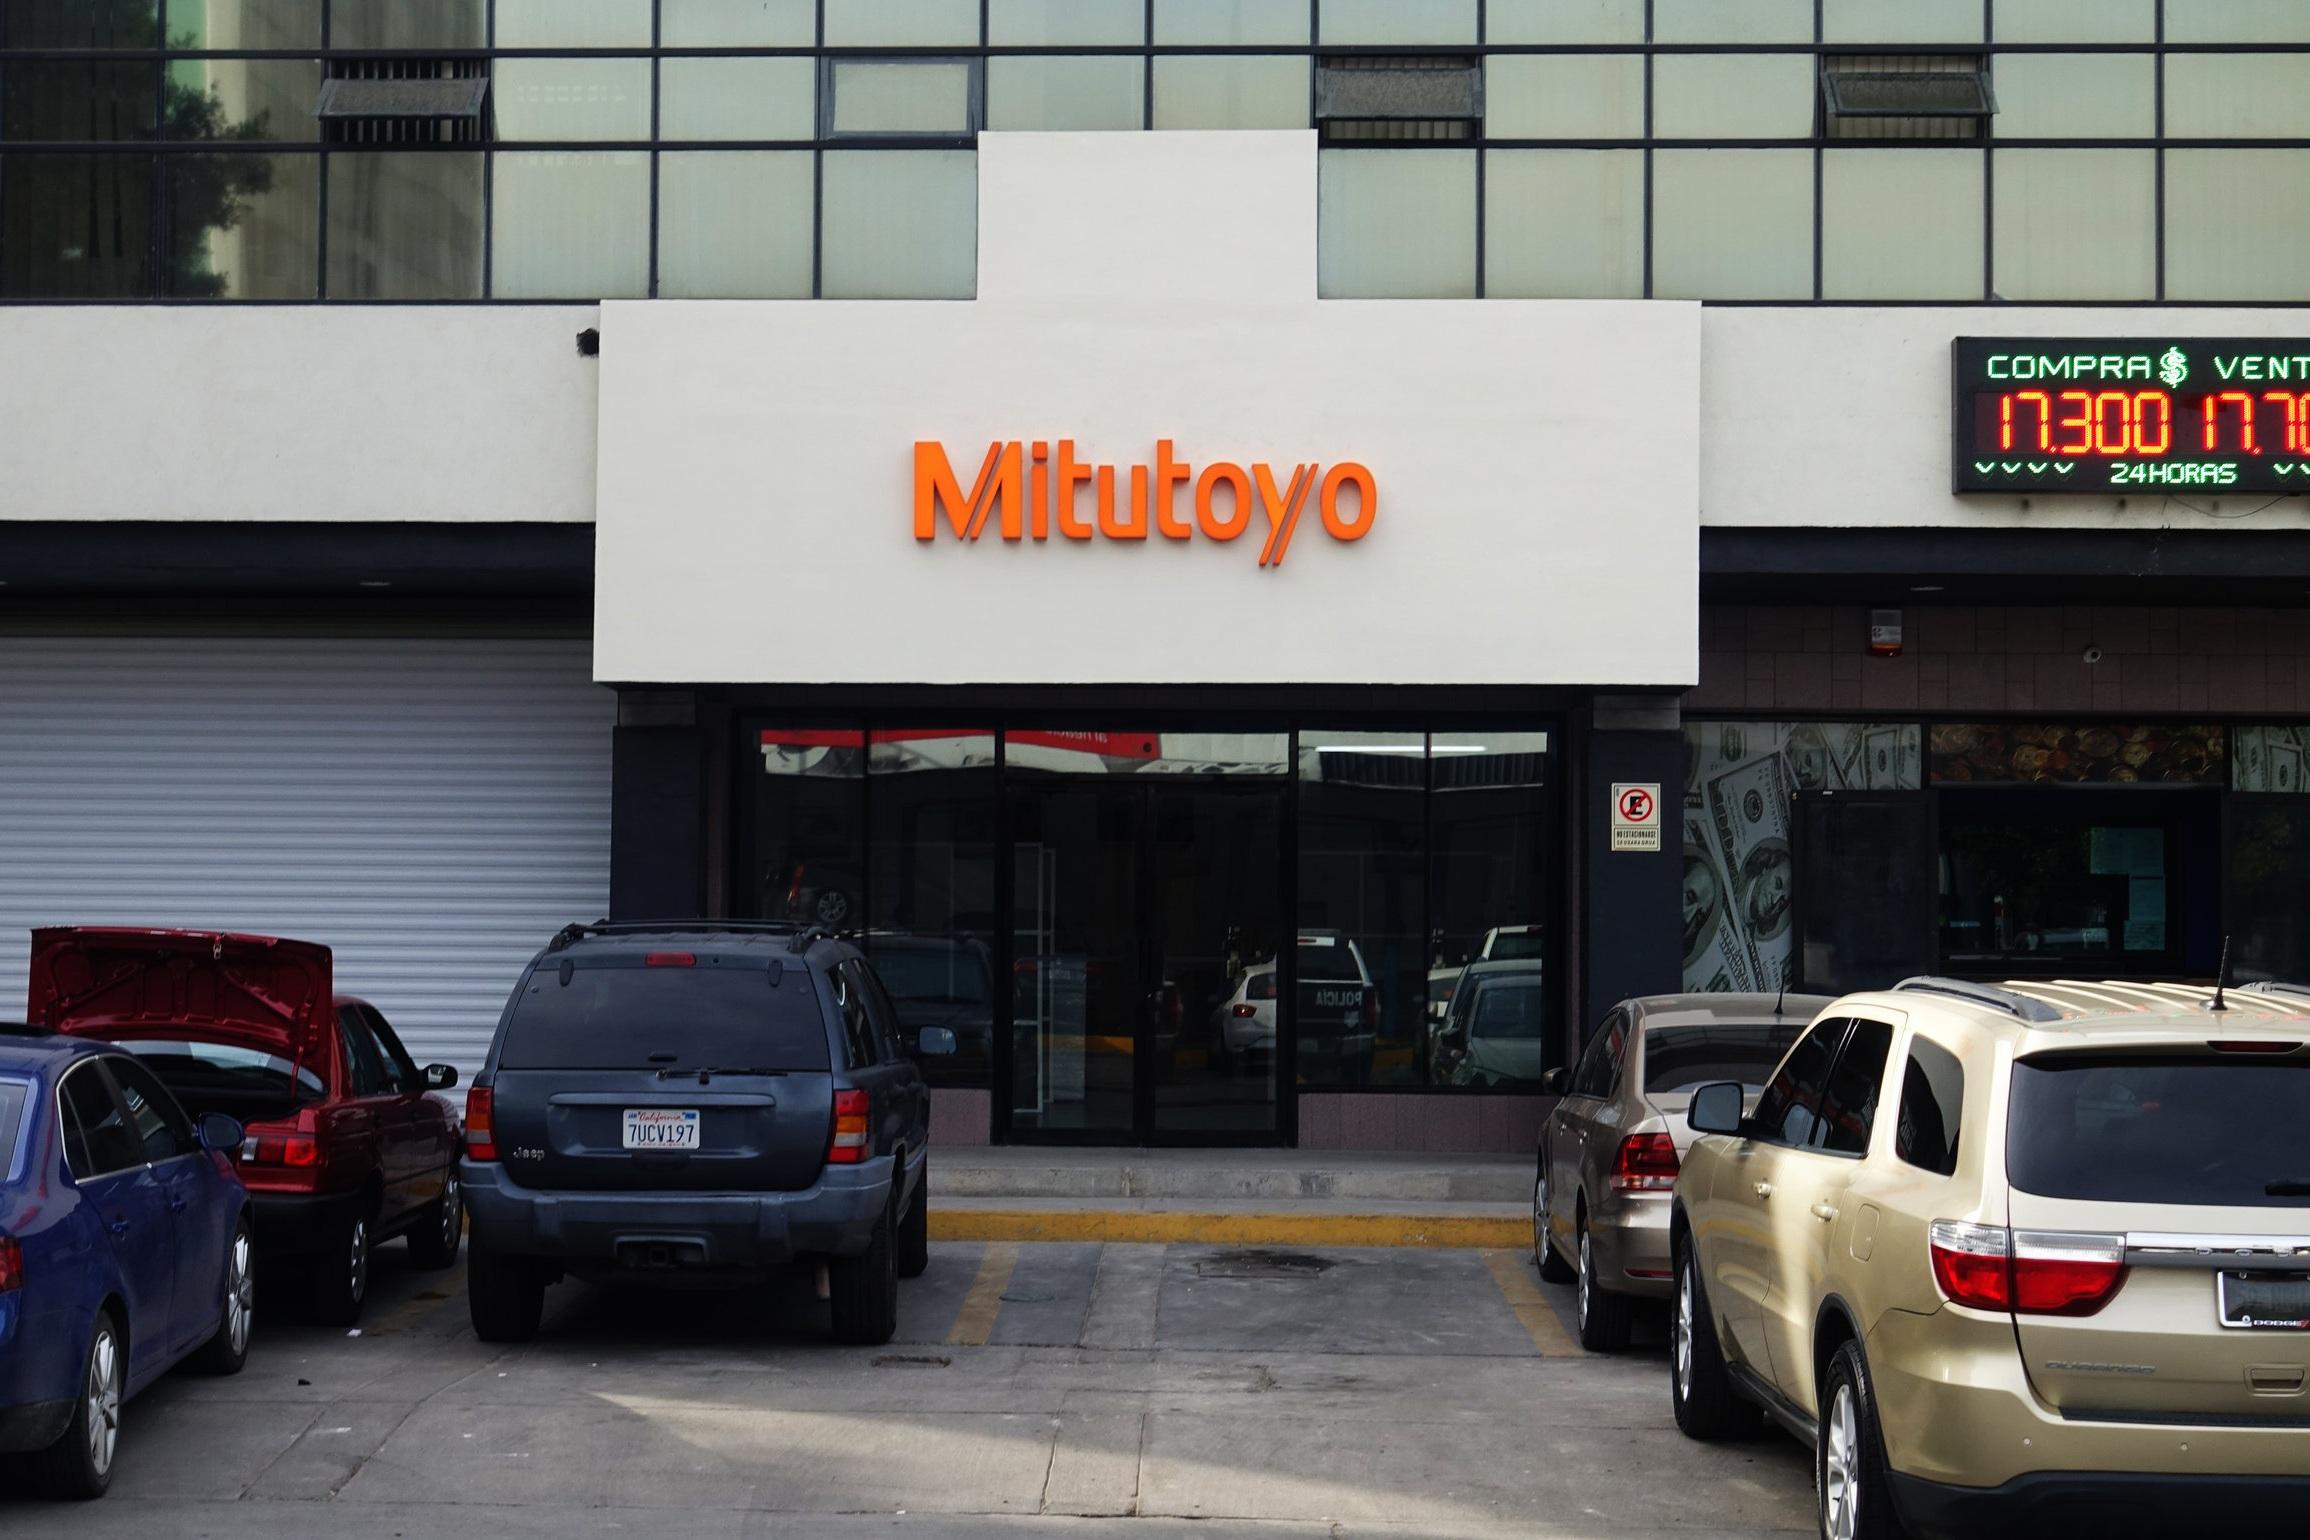 Mitutoyo - Empresa Fabricante de Instrumentos y Equipos de Medición de Alta Precisión